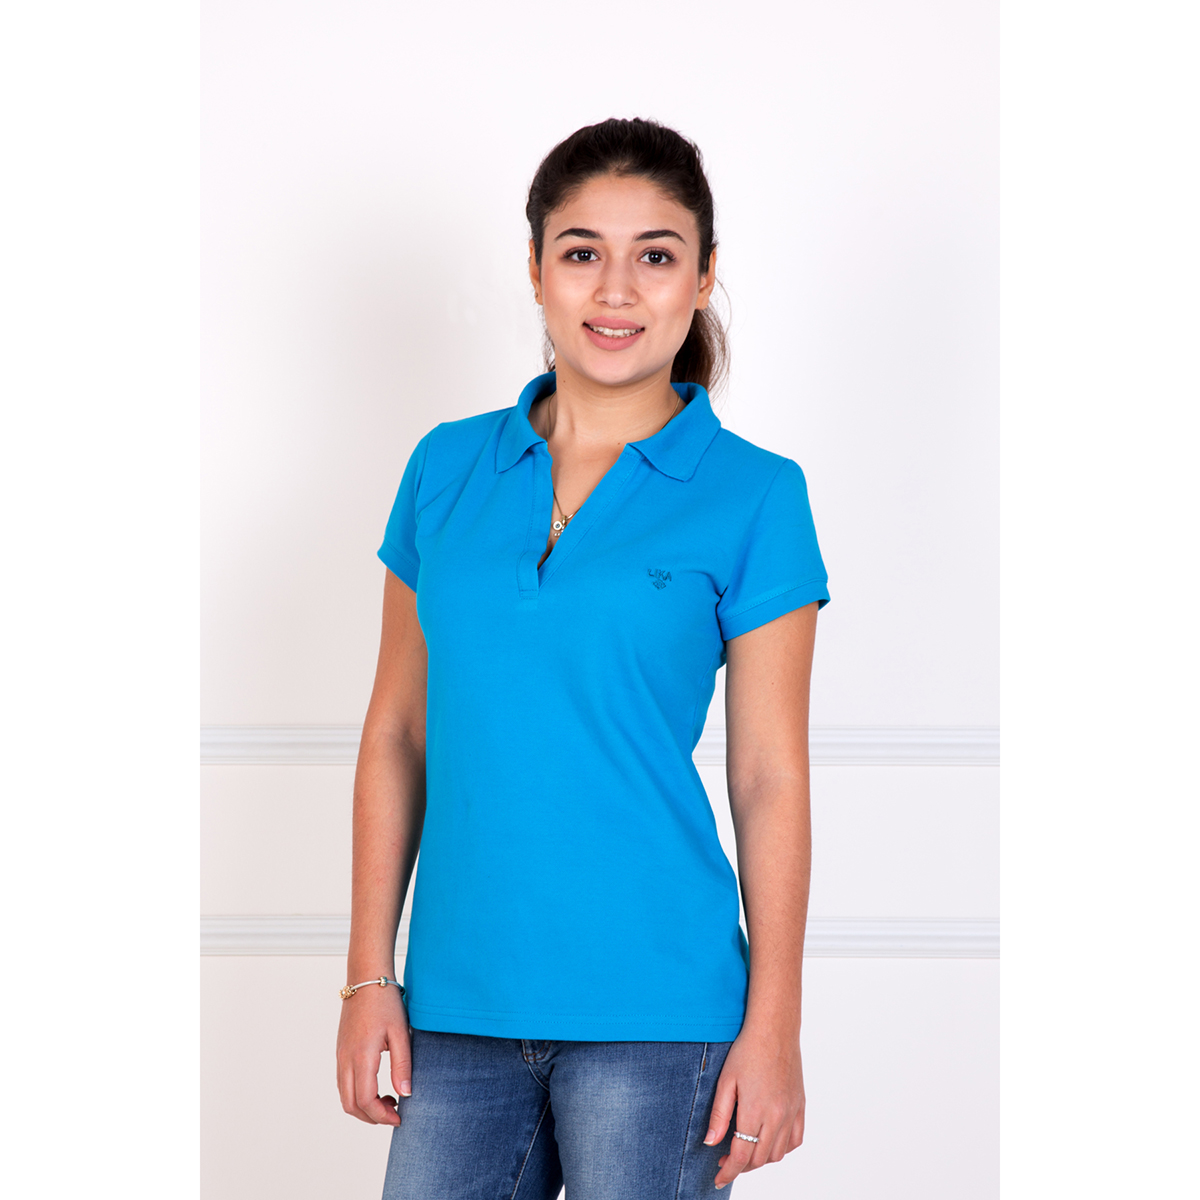 Женская футболка-поло Шерт Голубой, размер 42Майки и футболки<br>Обхват груди: 84 см <br>Обхват талии: 65 см <br>Обхват бедер: 92 см <br>Рост: 167 см<br><br>Тип: Жен. футболка<br>Размер: 42<br>Материал: Пике